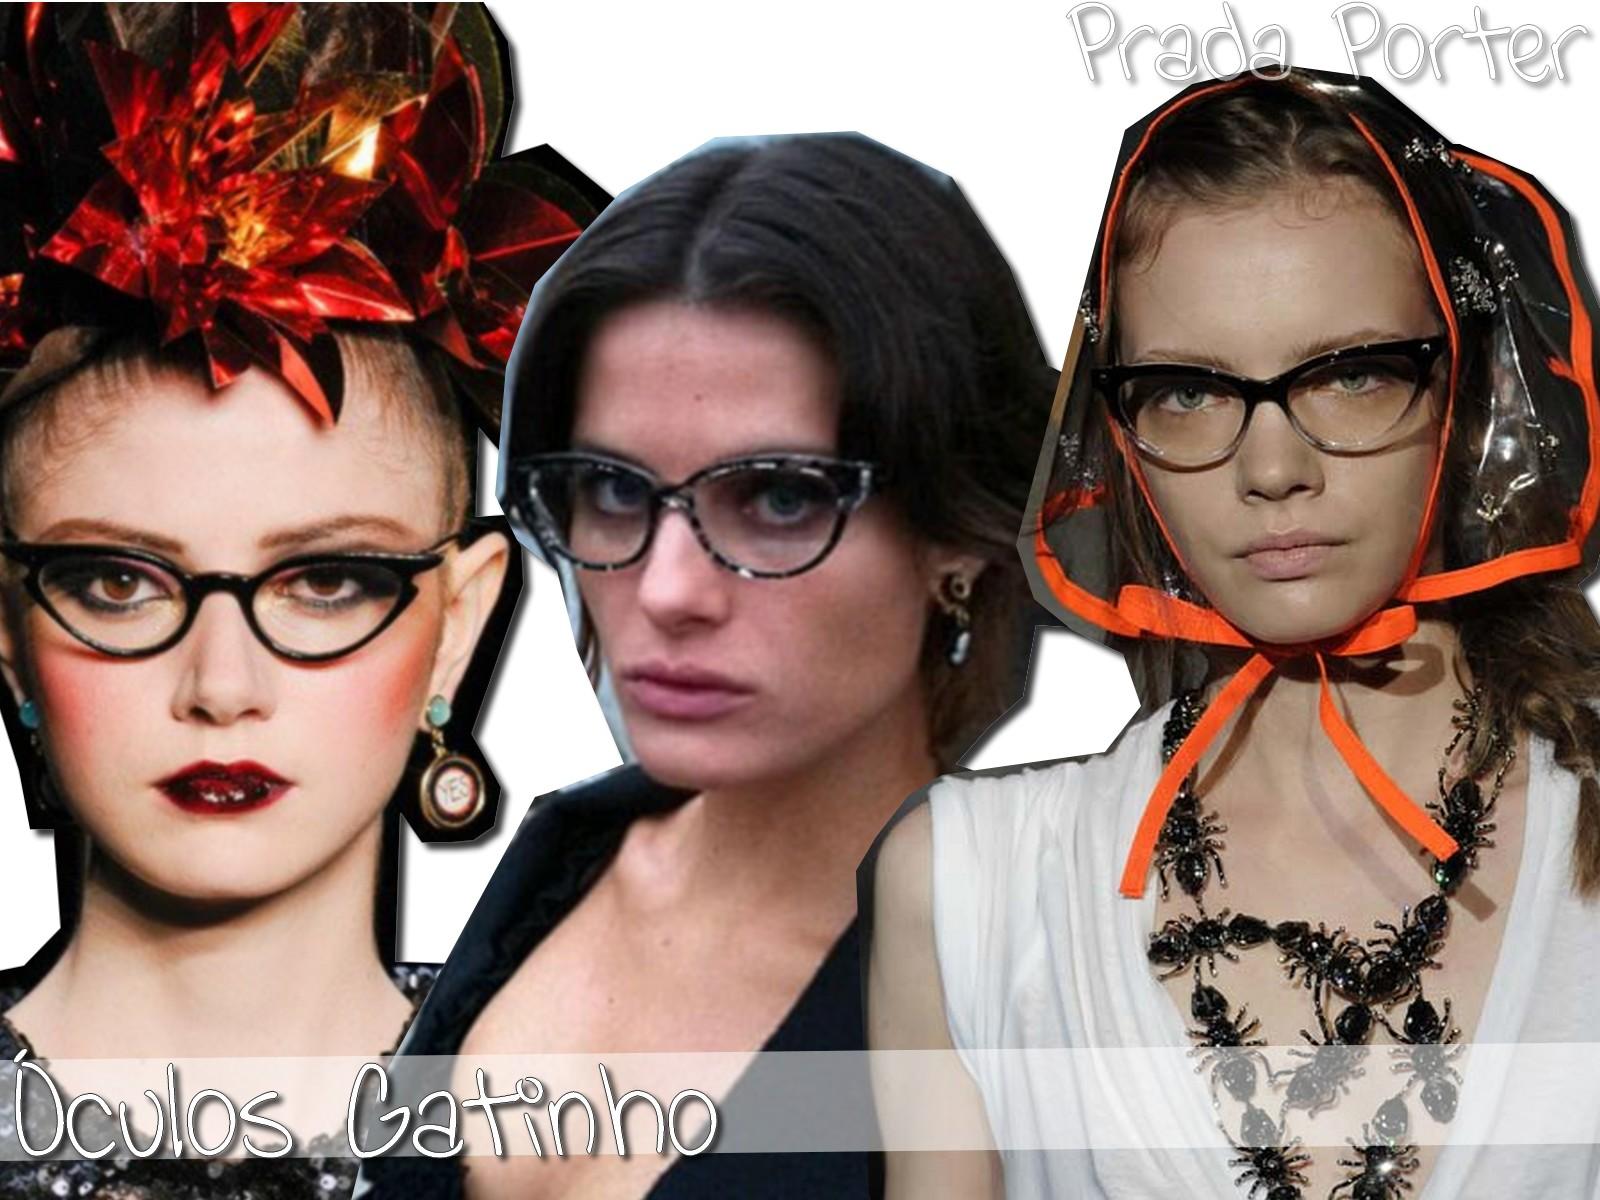 ddd35d207bdca Arquivos oculos gatinha - Prada Porter